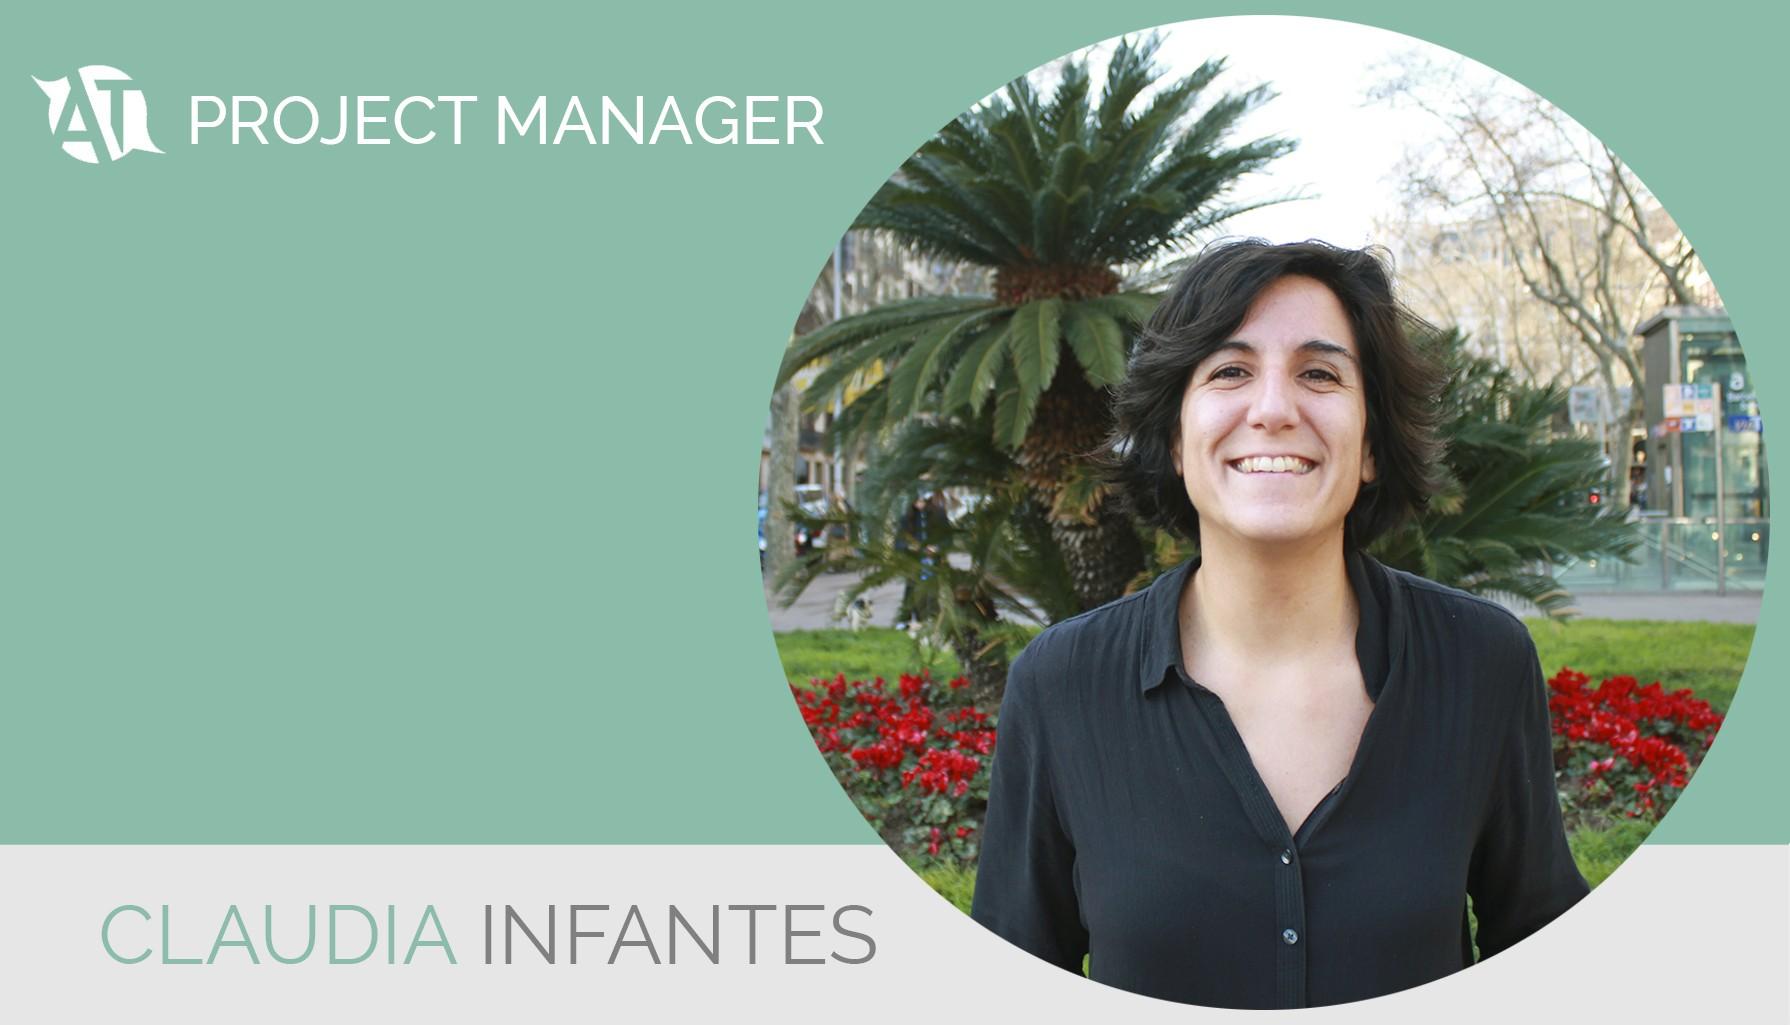 Claudia Infantes